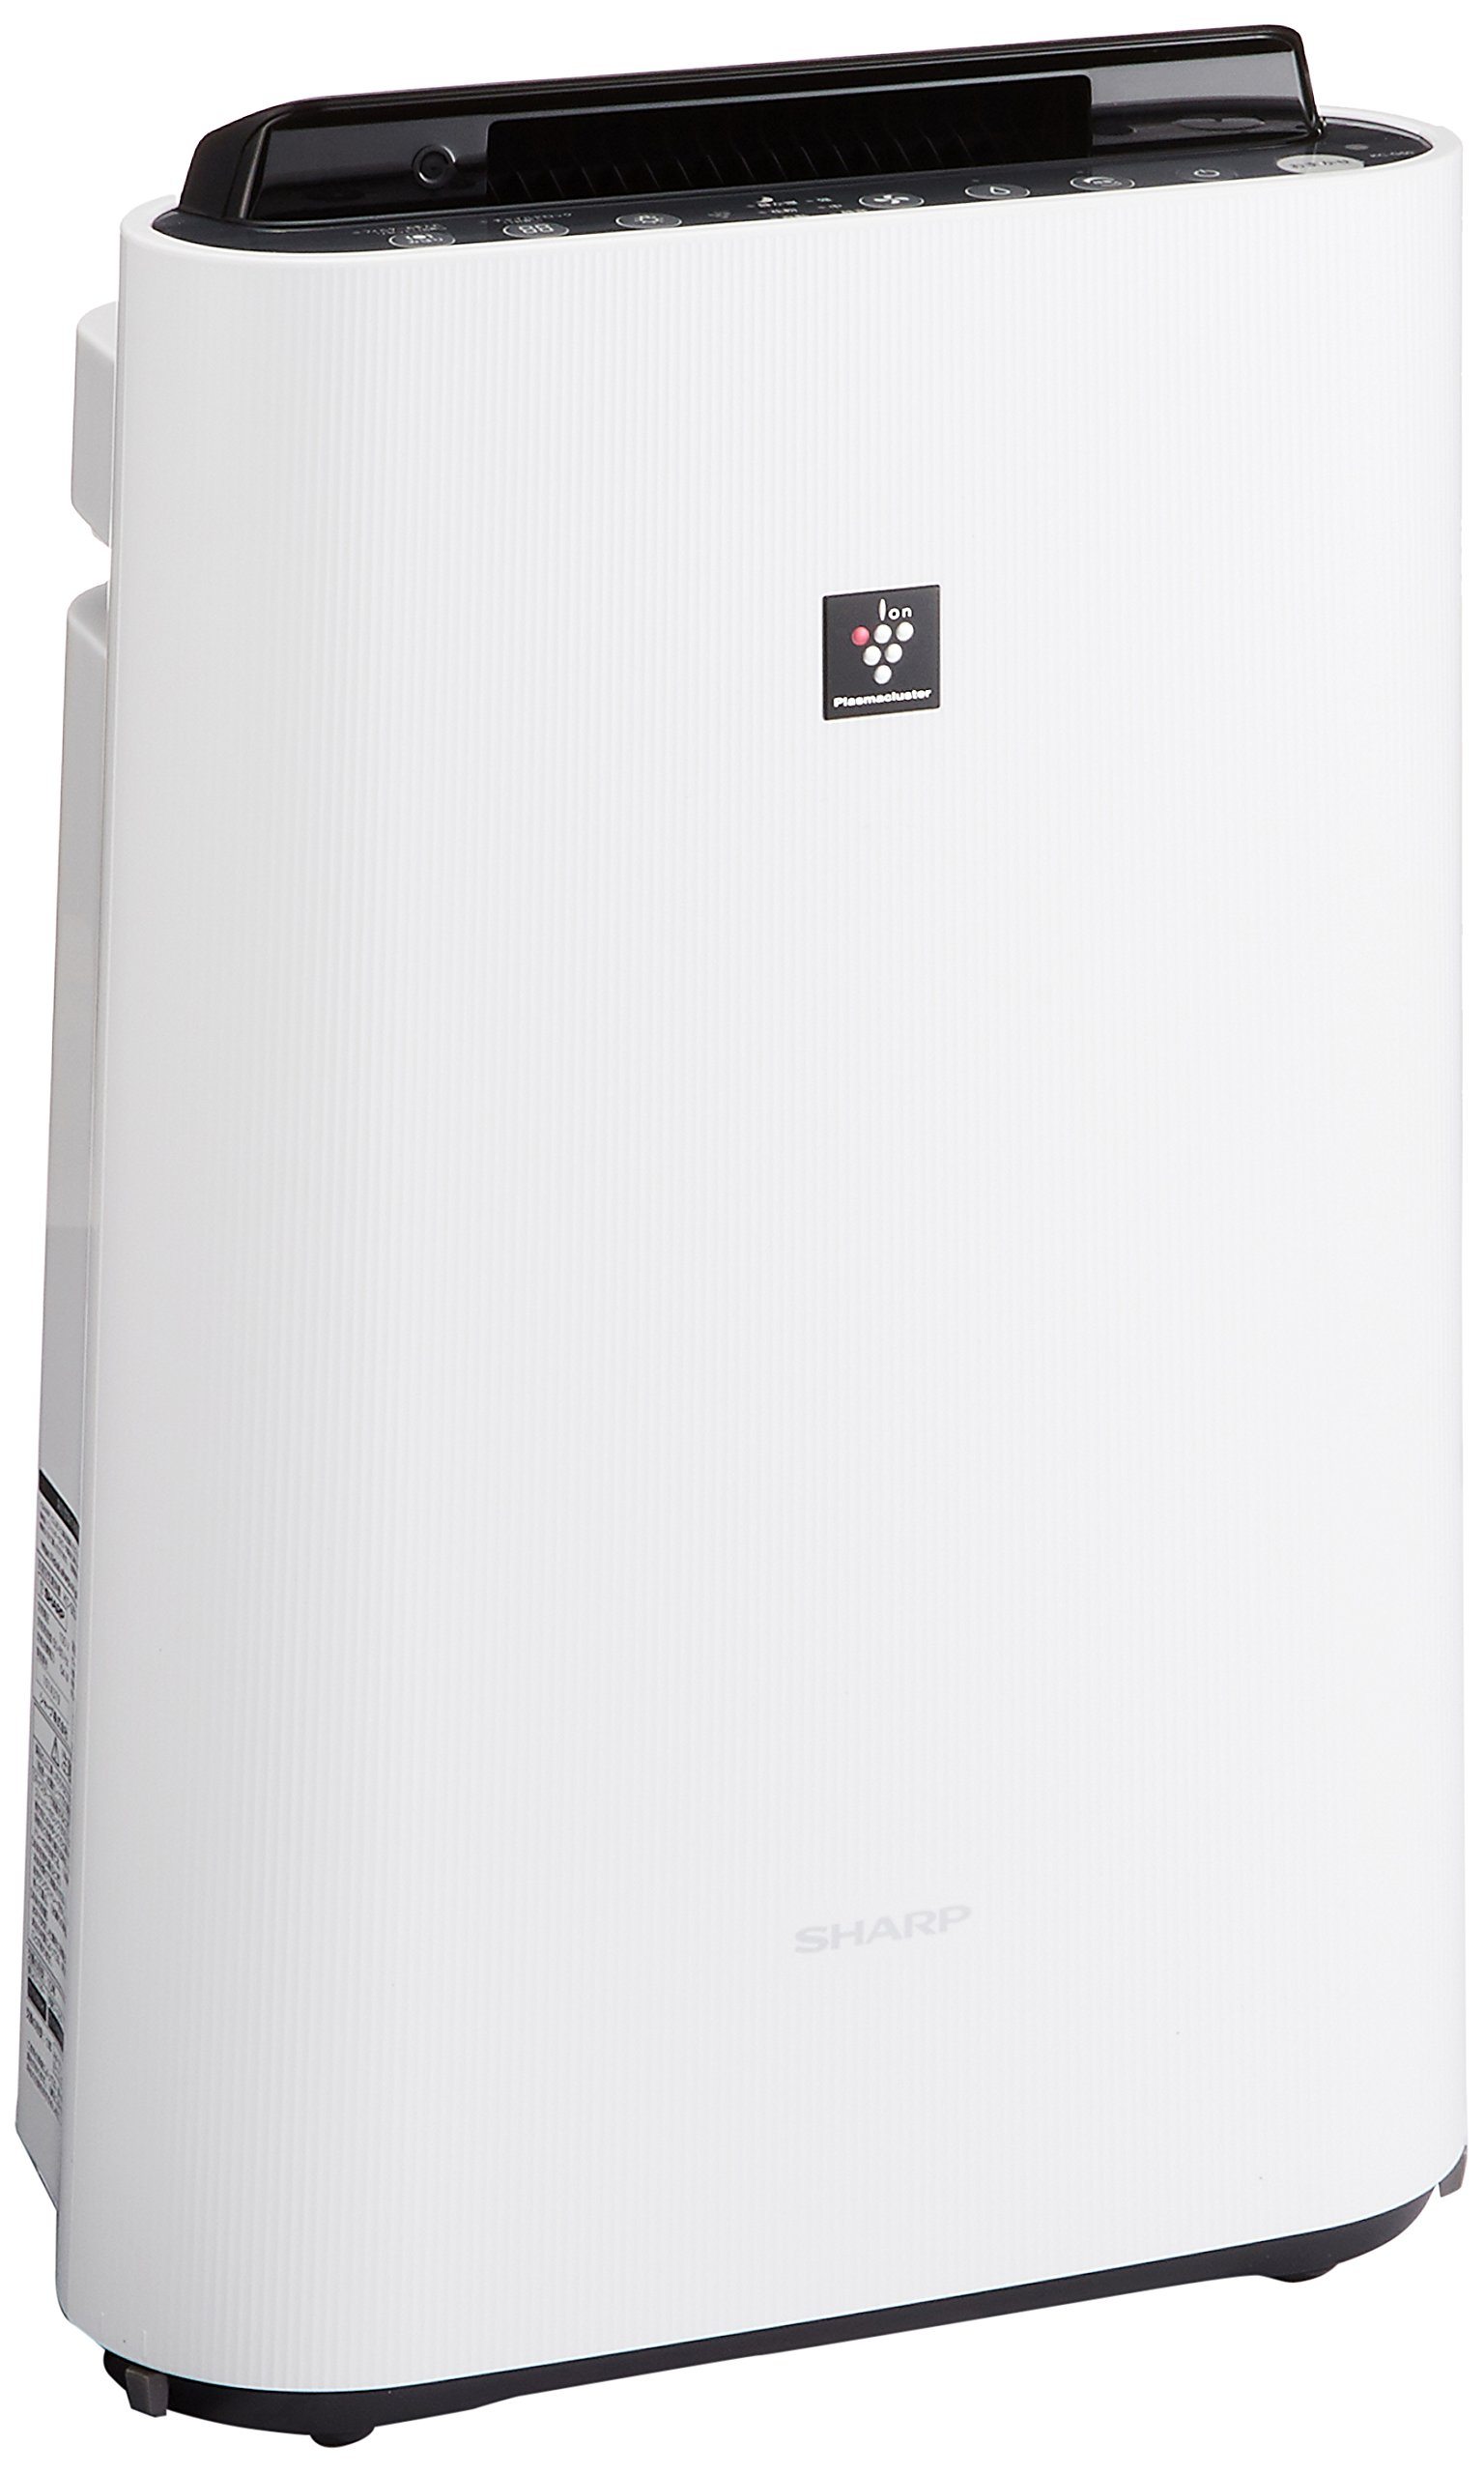 シャープ 加湿 空気清浄機 プラズマクラスター 13畳 / 空気清浄 23畳 ホワイト KC-G50-W